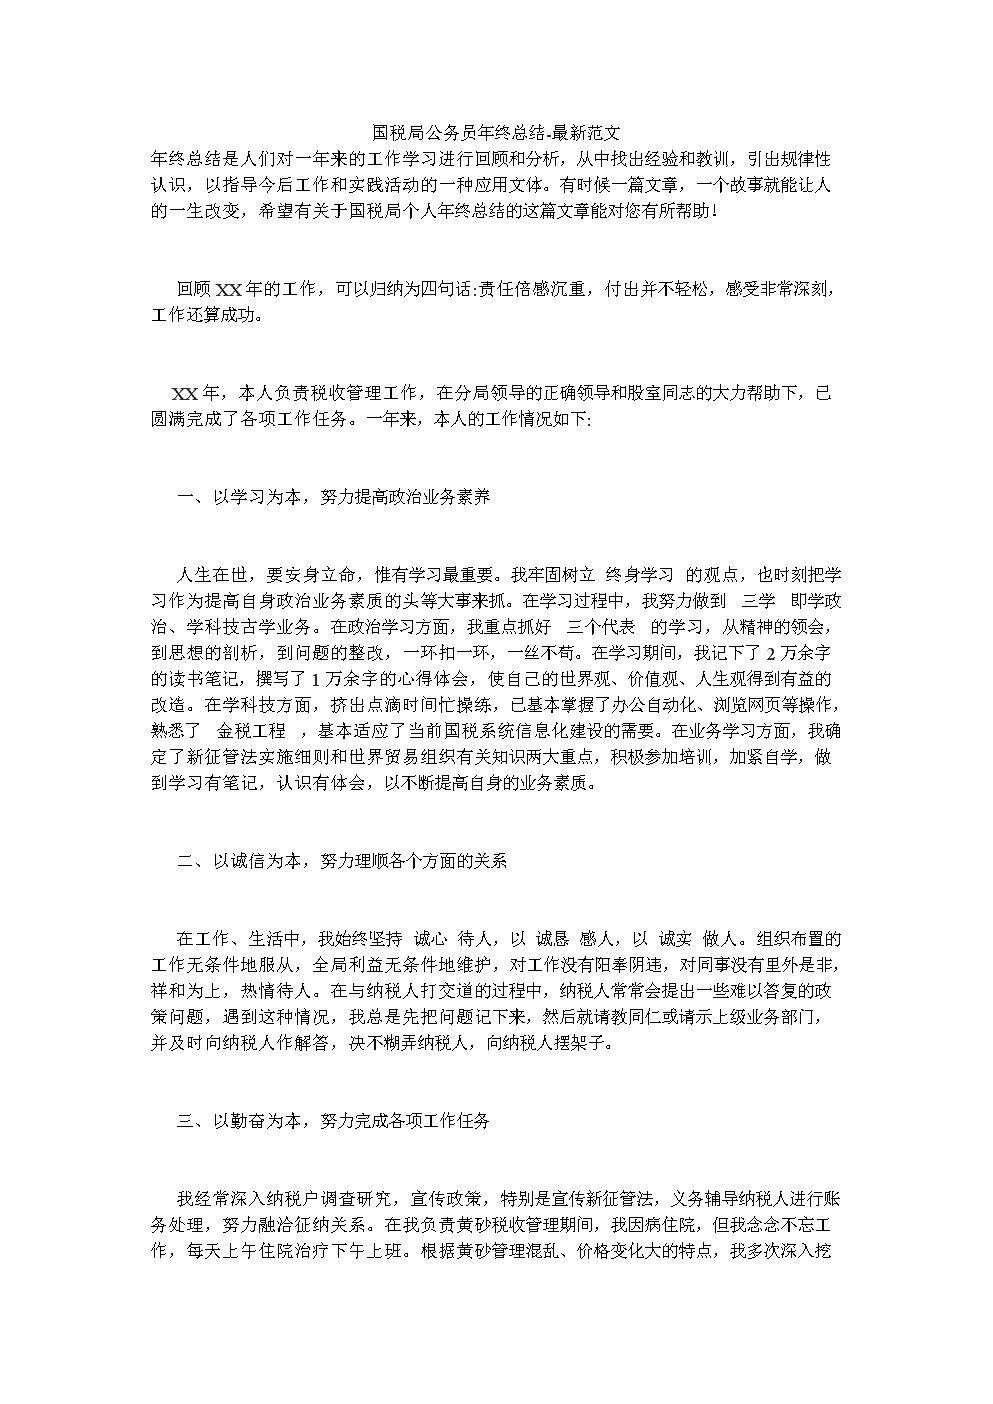 国税局公务员年终总结-最新范文.doc